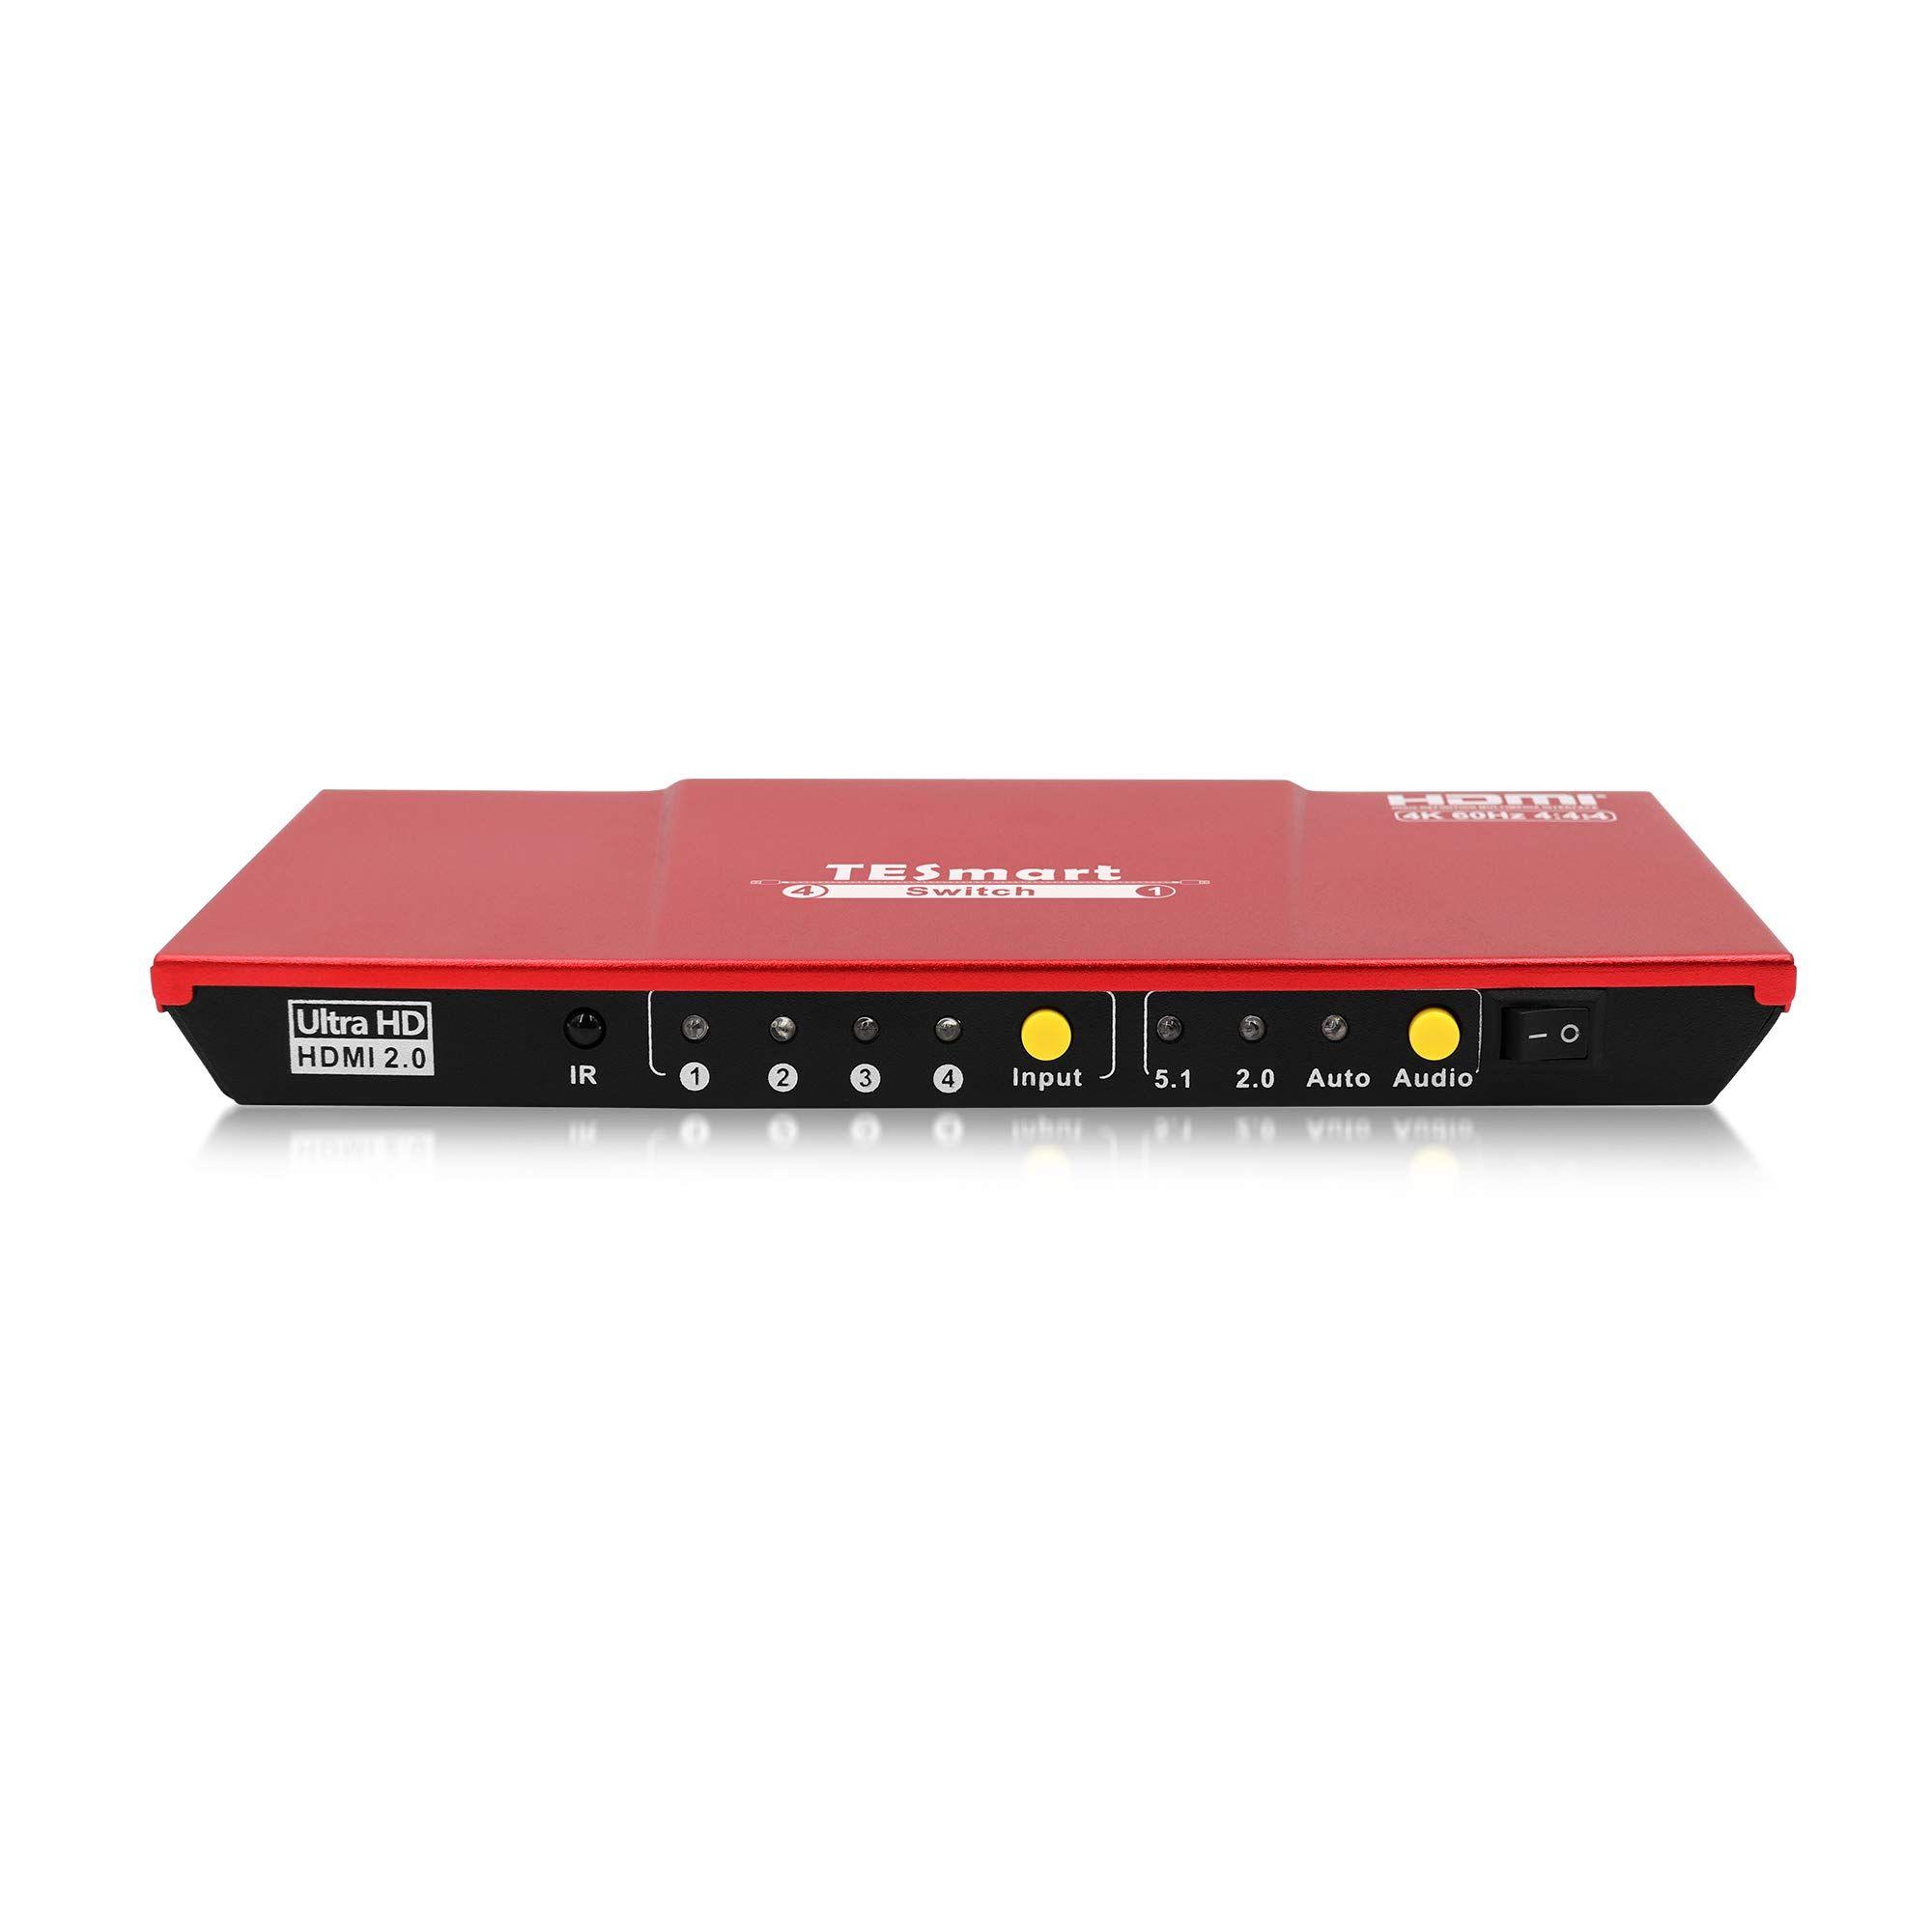 TESmart Ultra HD 4x1 HDMI 4K@60Hz The Fast Switch 4Kx2K 4